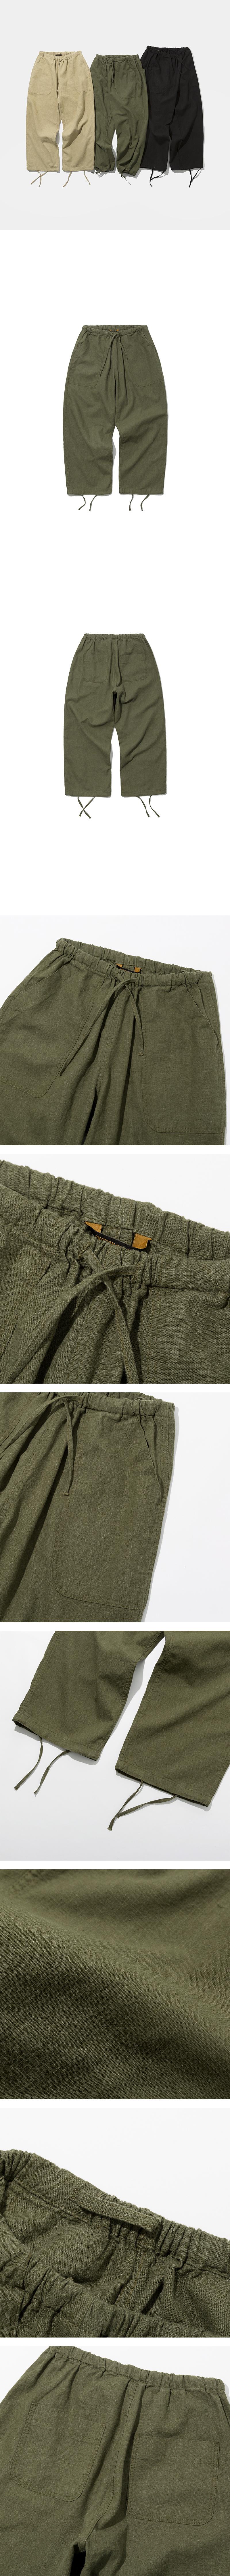 유니폼브릿지(UNIFORM BRIDGE) 19ss linen balloon pants khaki